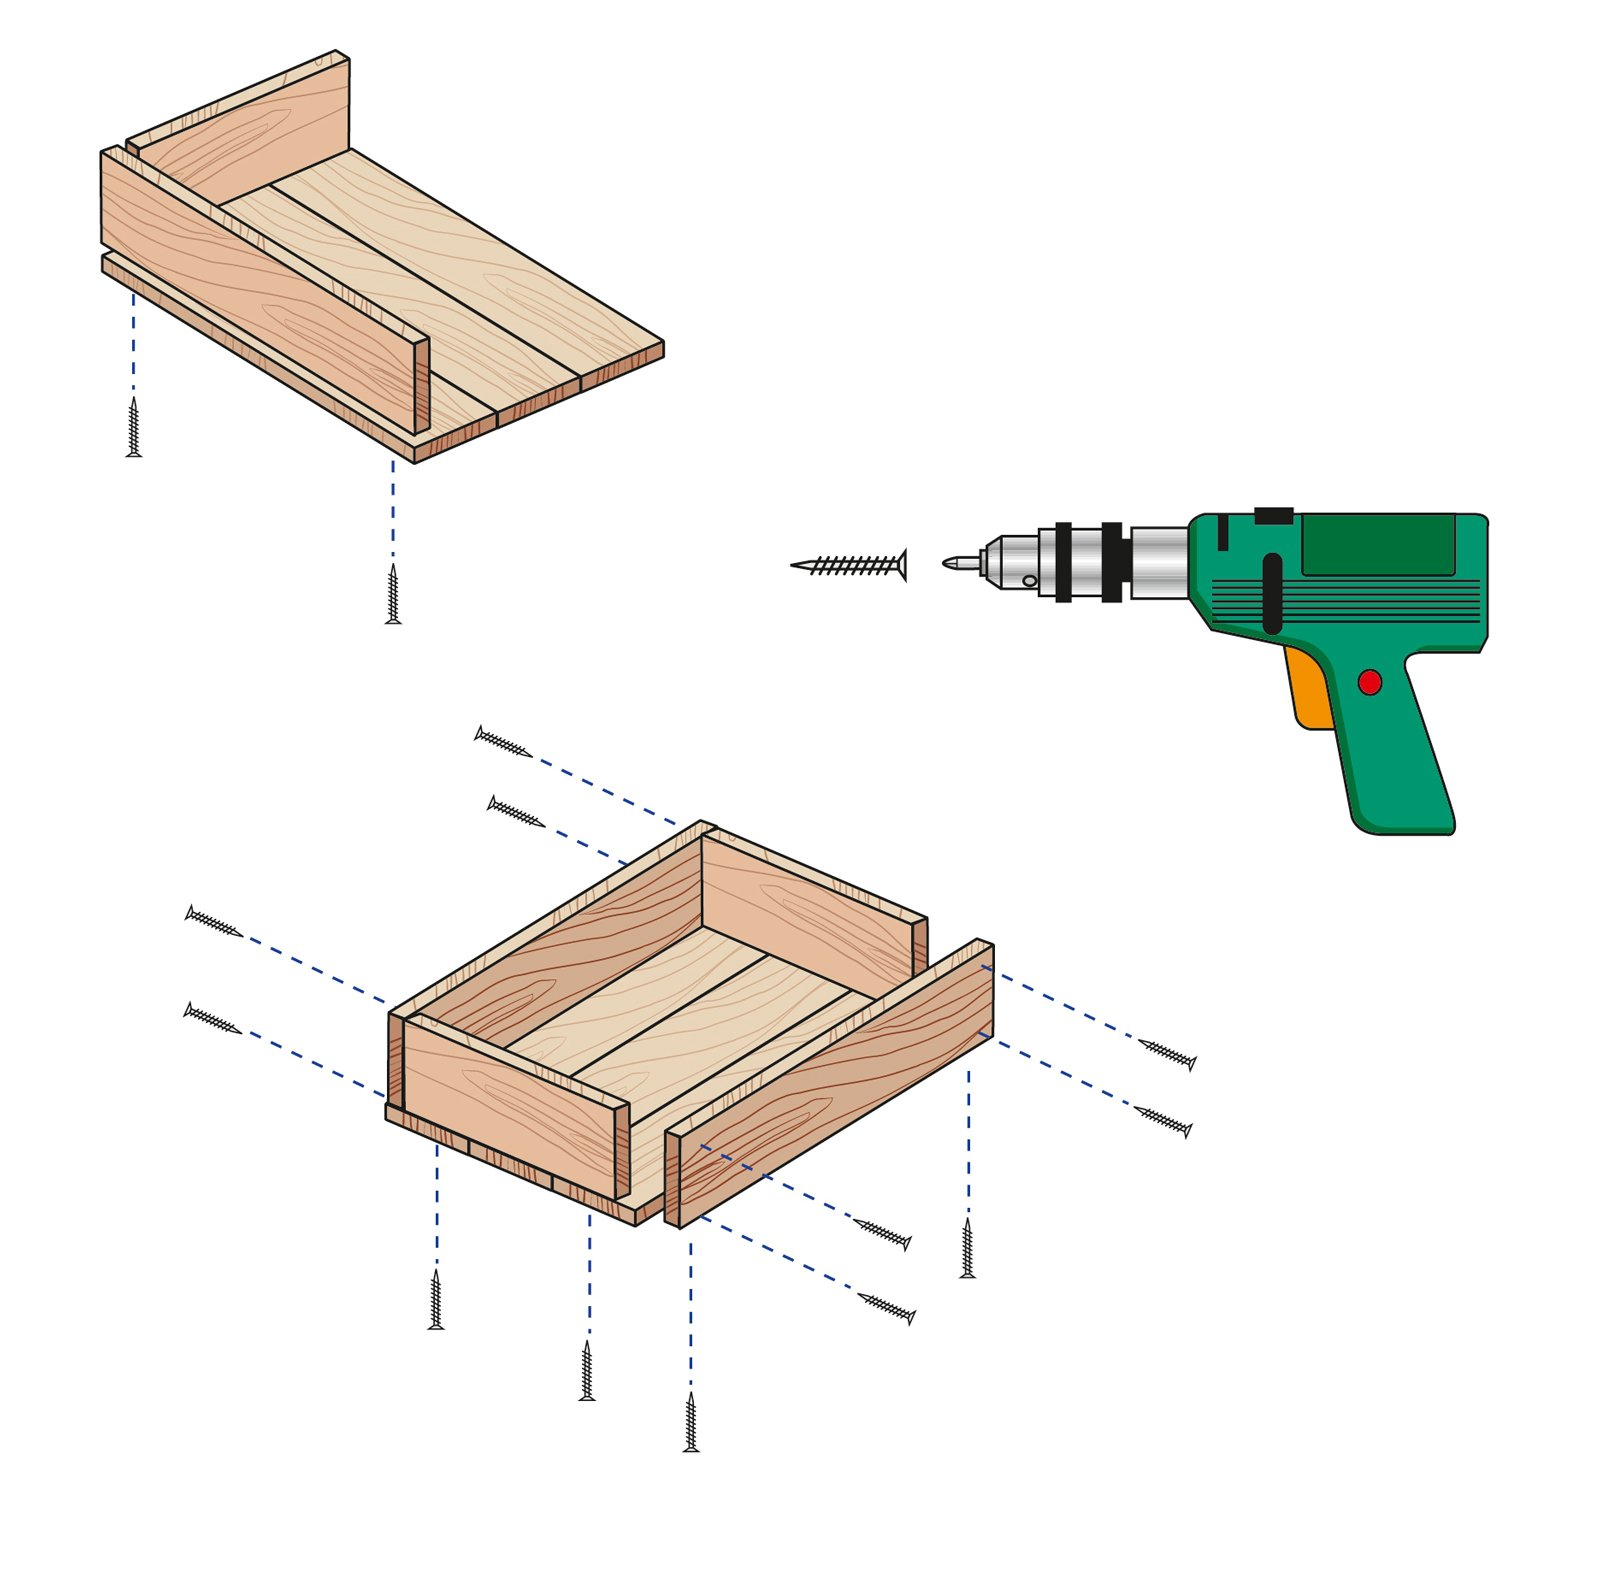 La cassetta in legno fai da te da usare come portavasi - Portavasi fai da te ...